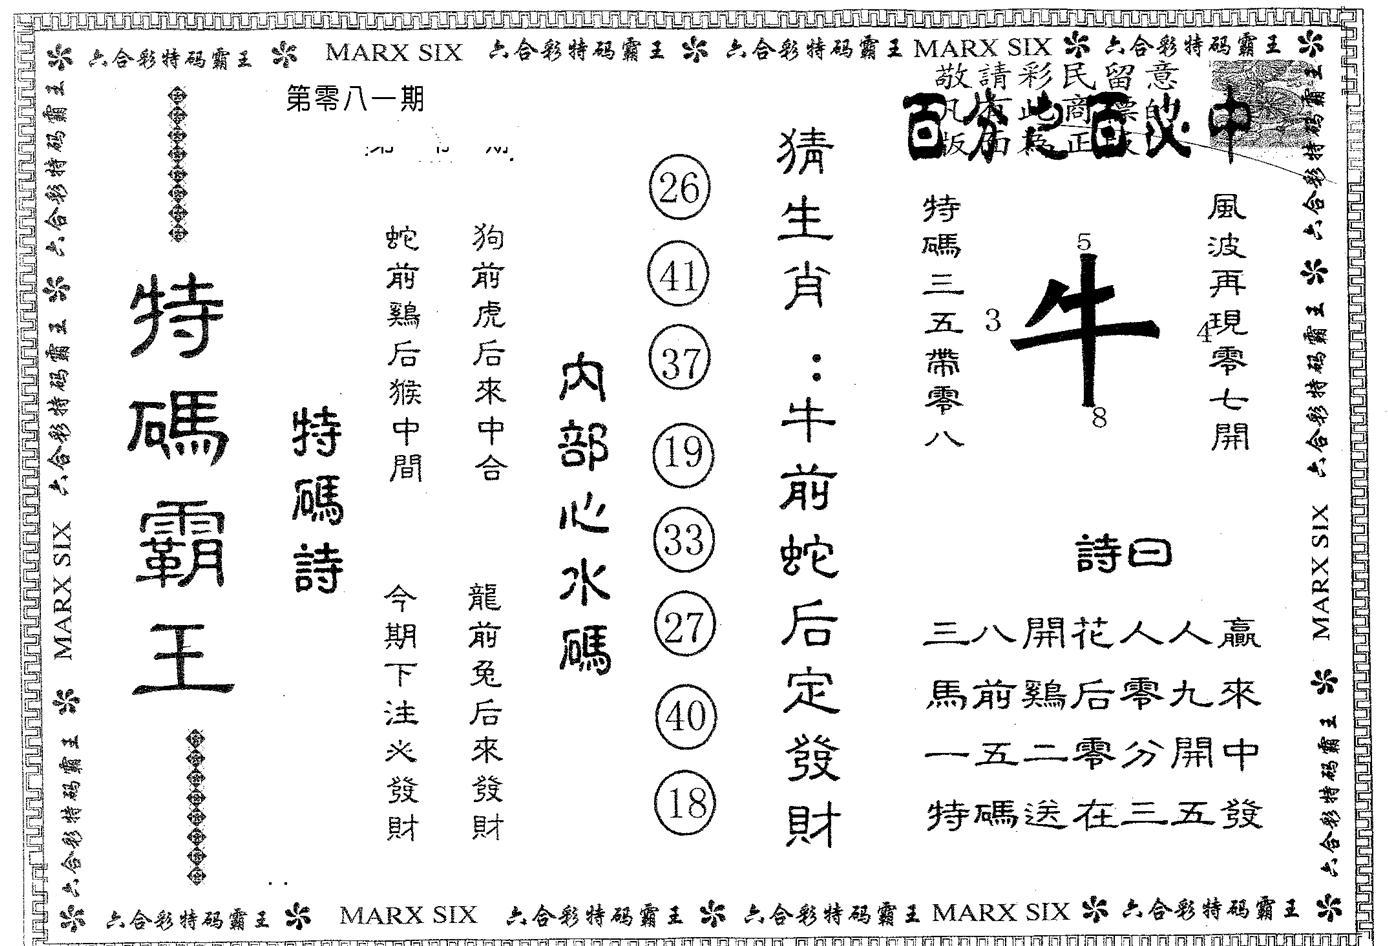 081期特码霸王A(黑白)